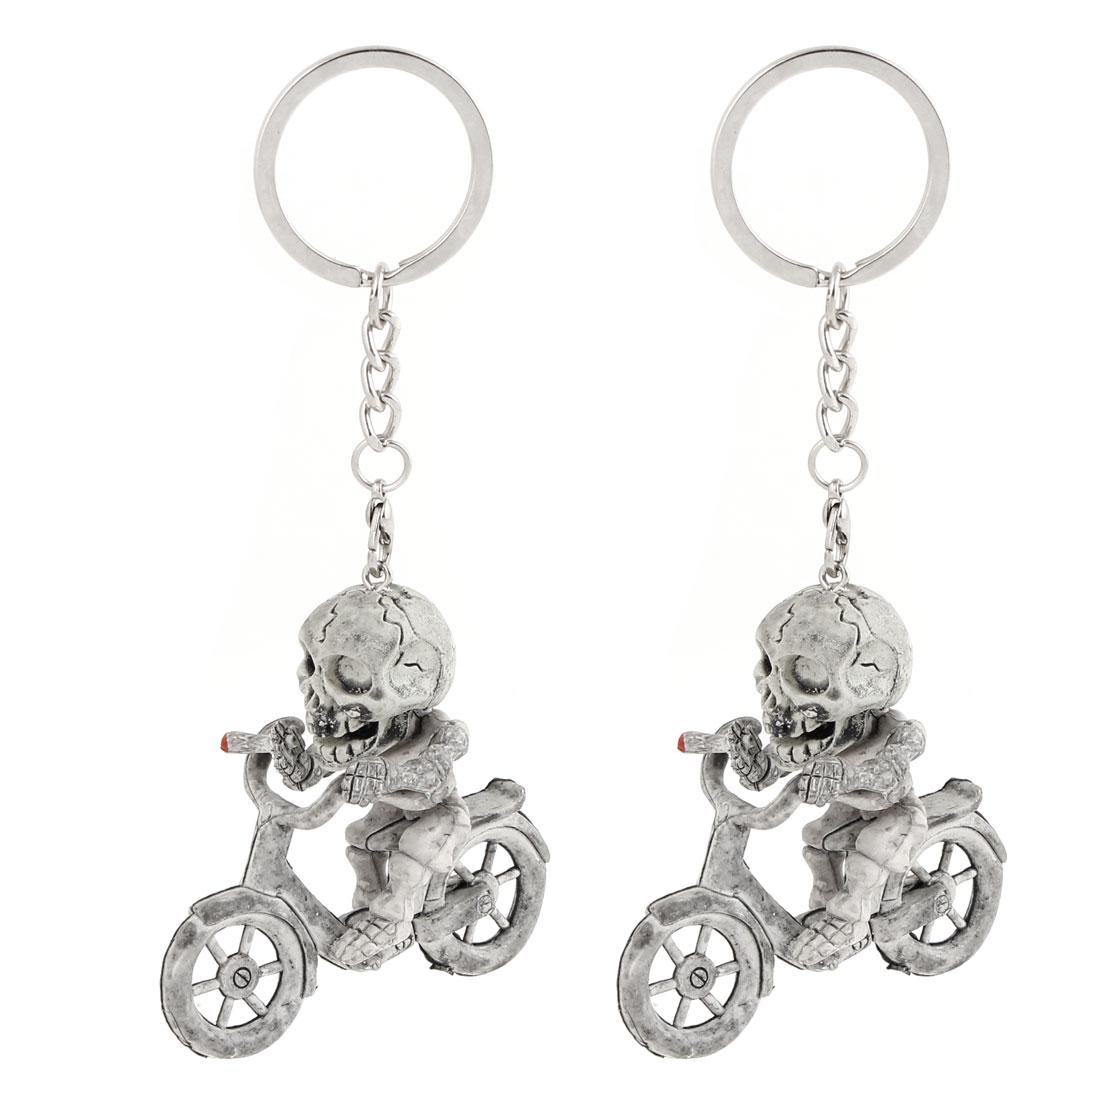 2 Pcs Gray Plastic Skull Ghost Riding Bike Pendant Spilt Ring Keyring 12cm Long